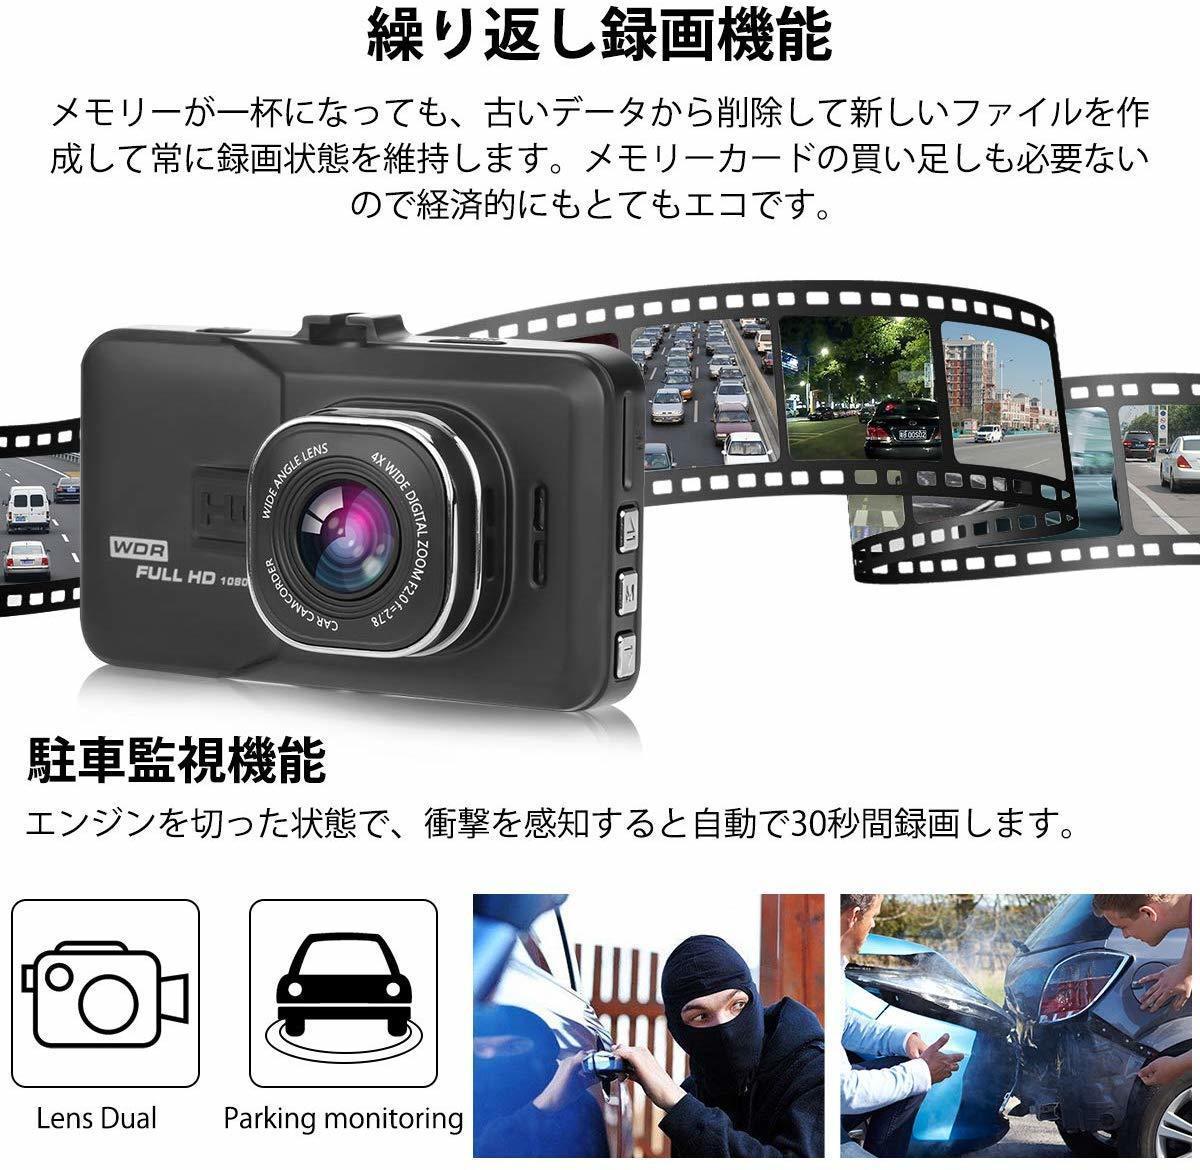 S54 ドライブレコーダー 車載カメラ 1080P フルHD Gセンサー ループ録画 駐車監視 WDR 衝撃録画 日本語 ブラック_画像2